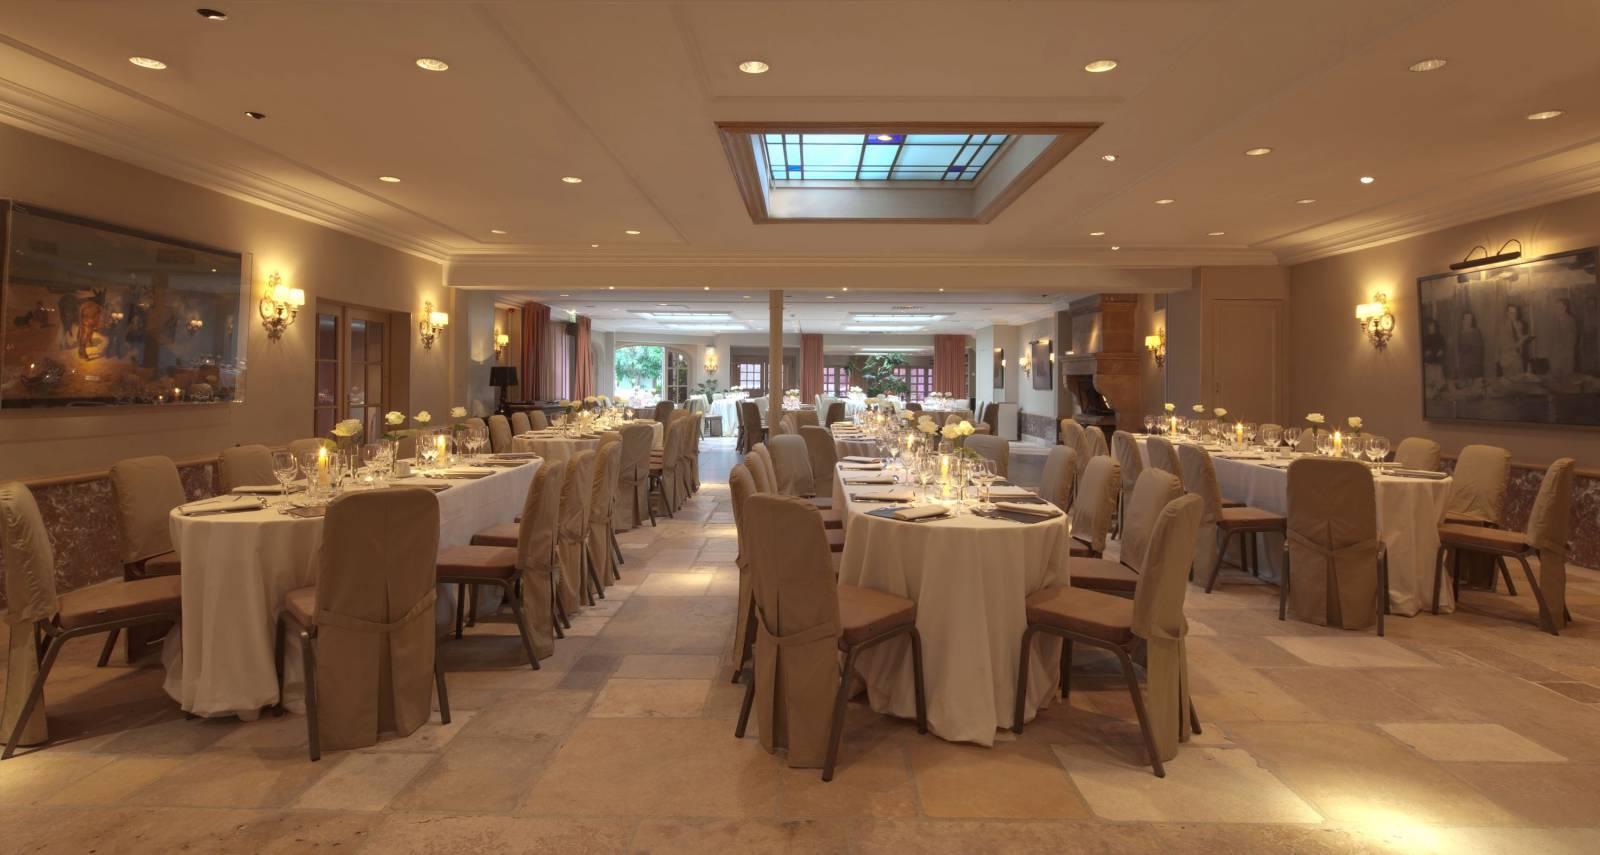 Huis van Wonterghem - venues - House of Weddings 1 - 3